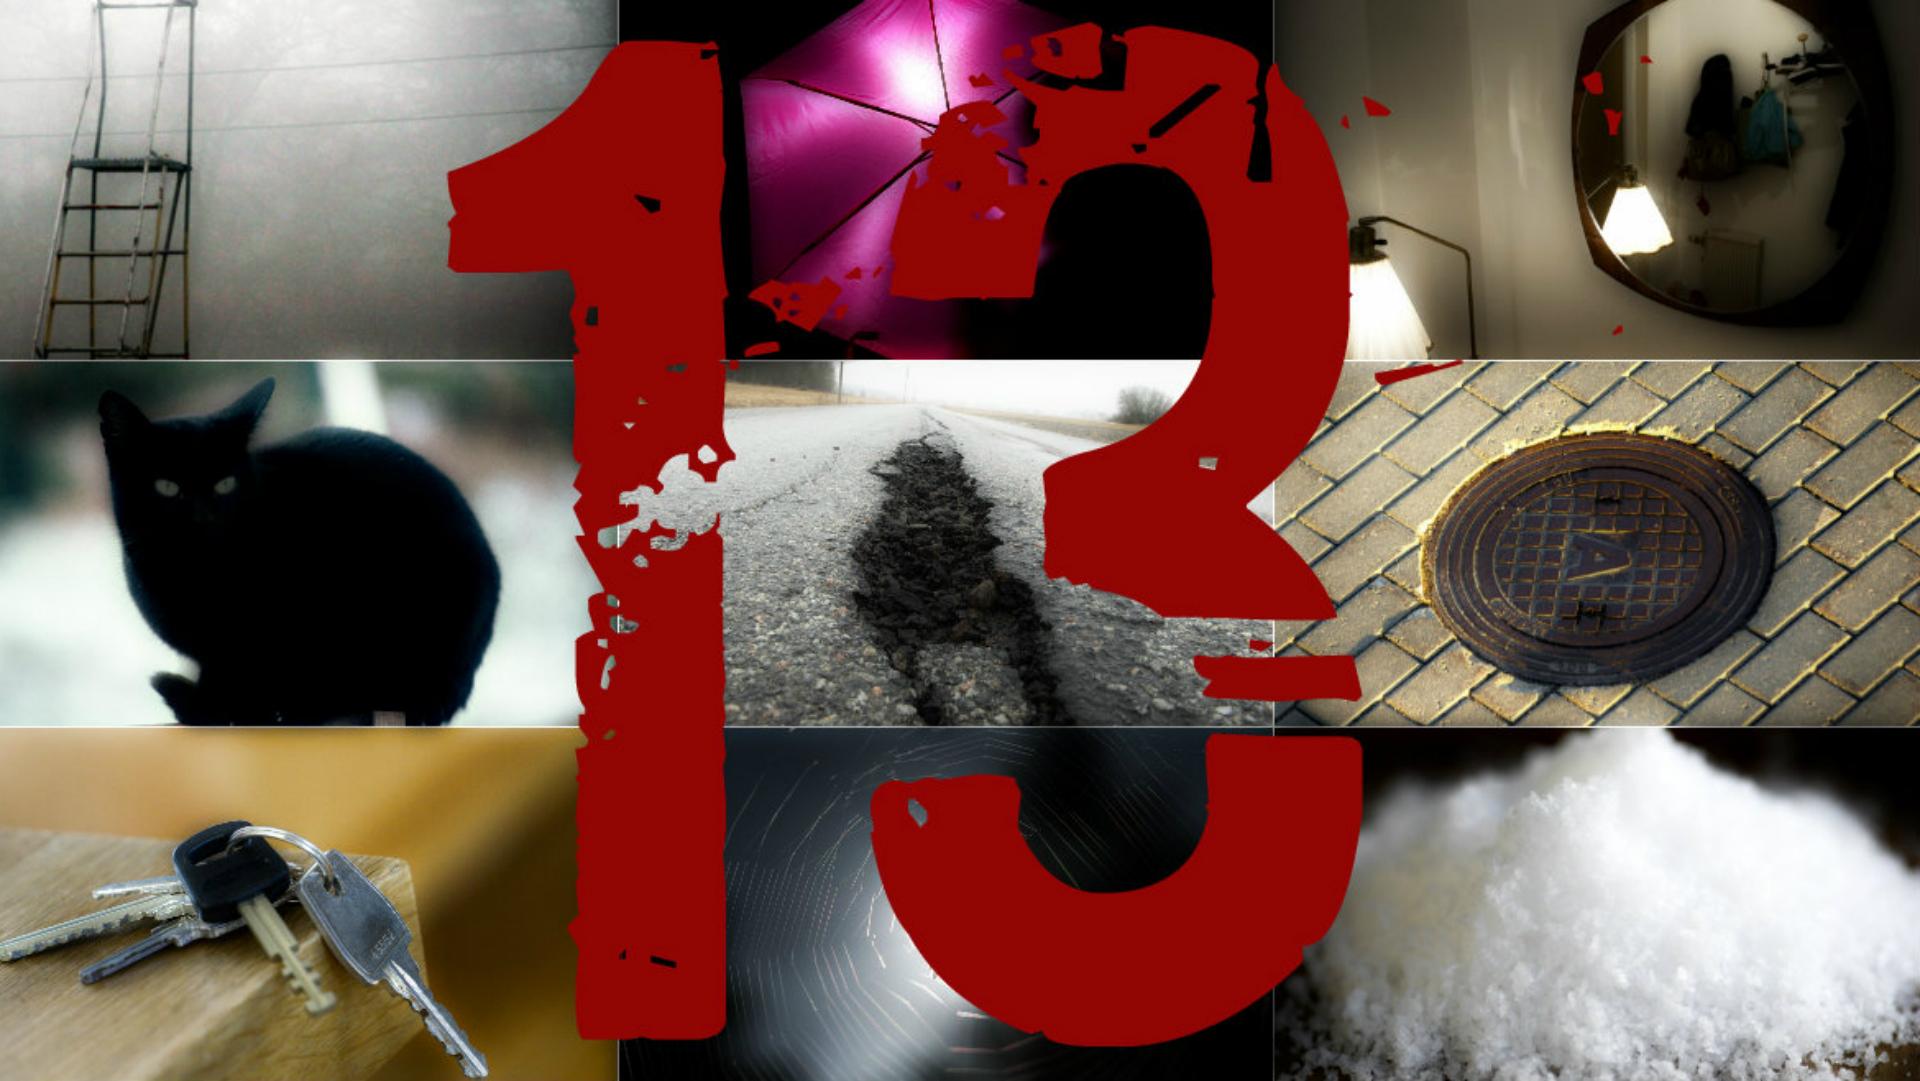 Fredag den trettonde 13 otur otursdag